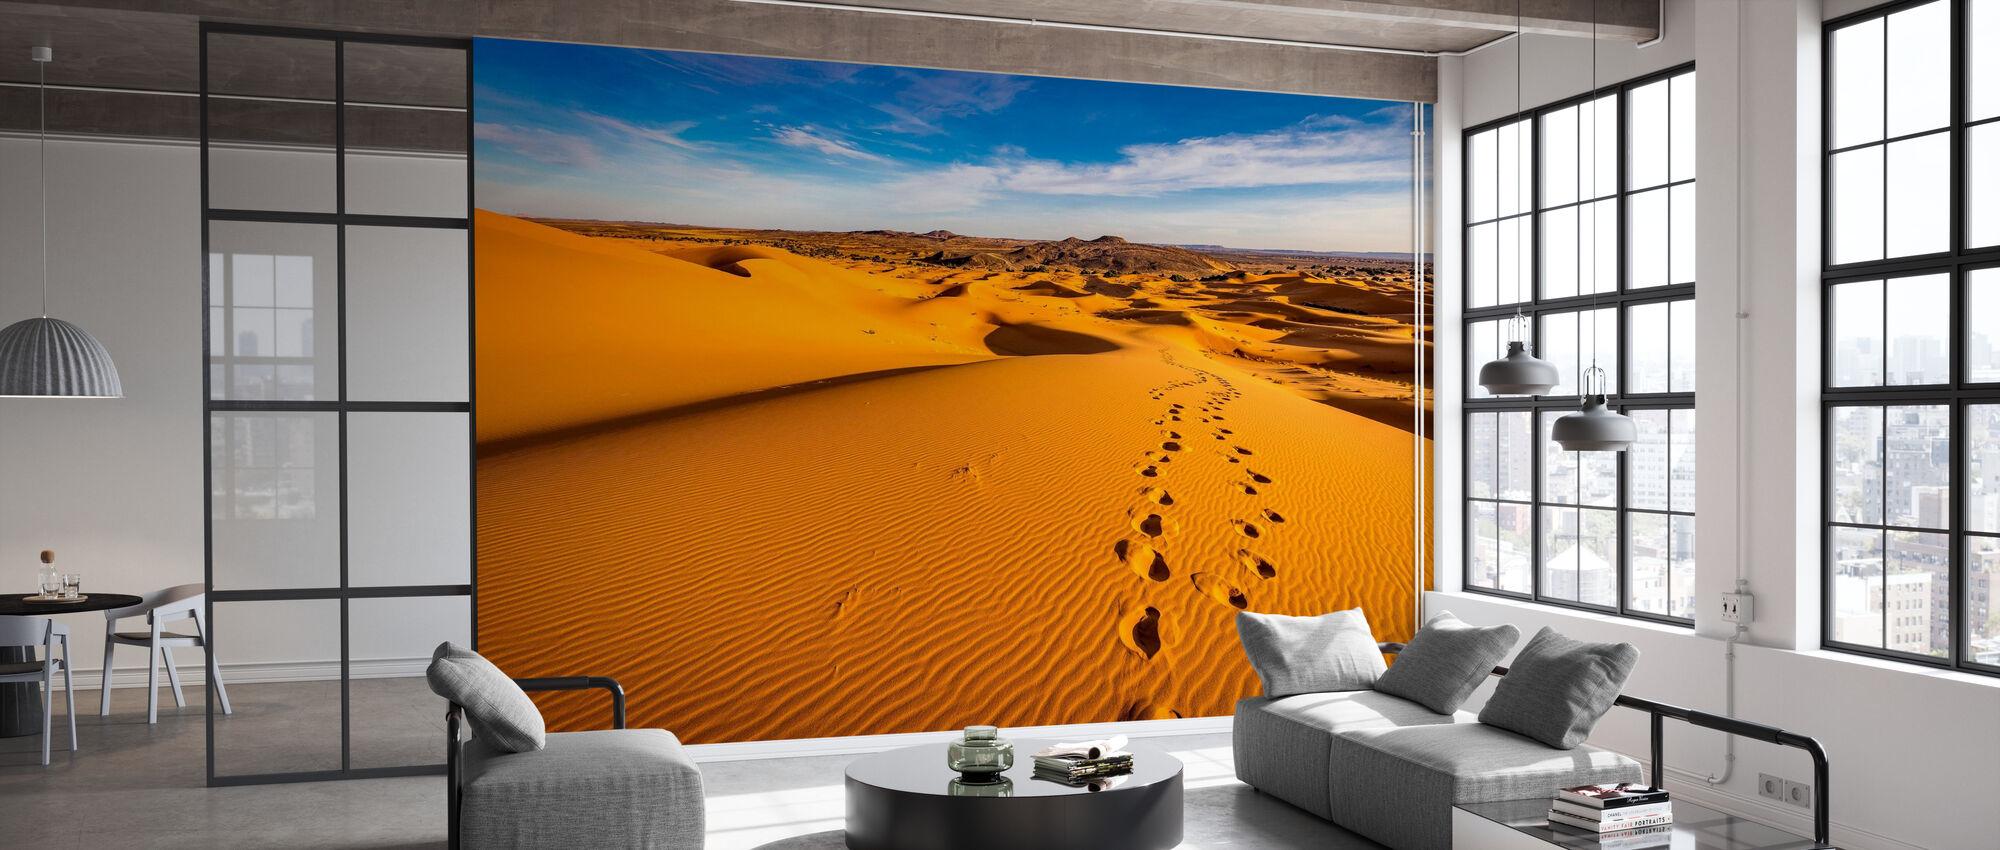 Desert Dunes IIII - Wallpaper - Office